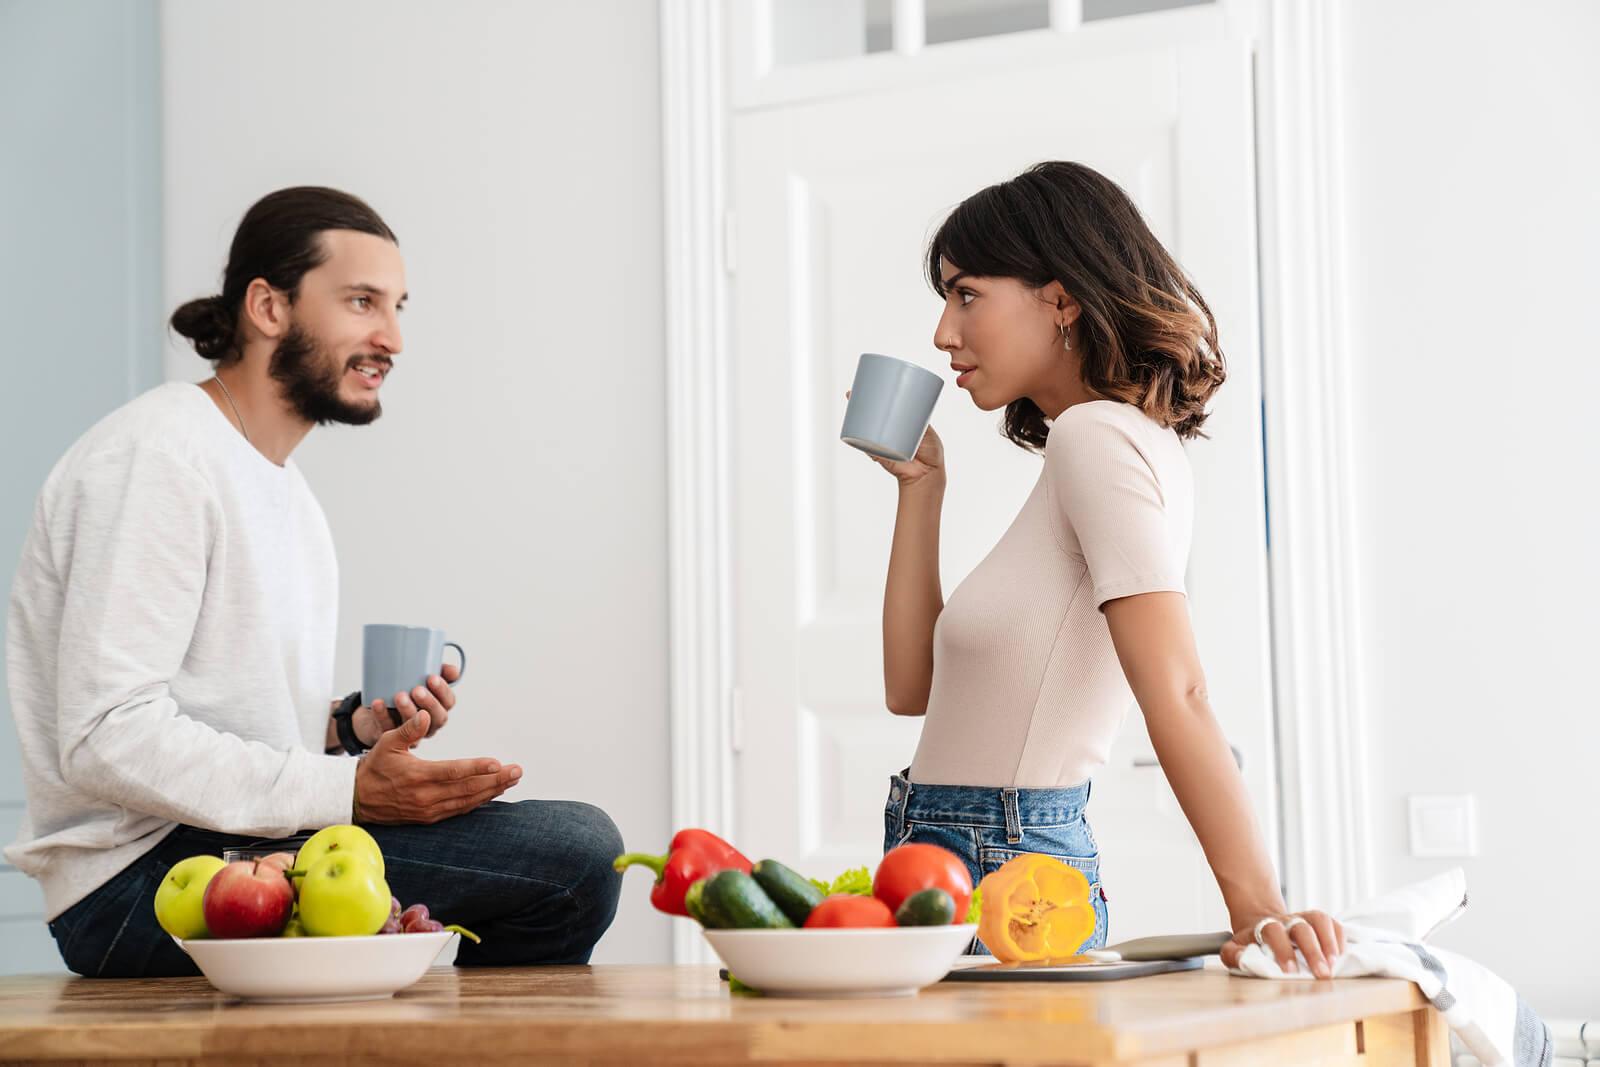 La importancia de la paciencia en la relación de pareja.